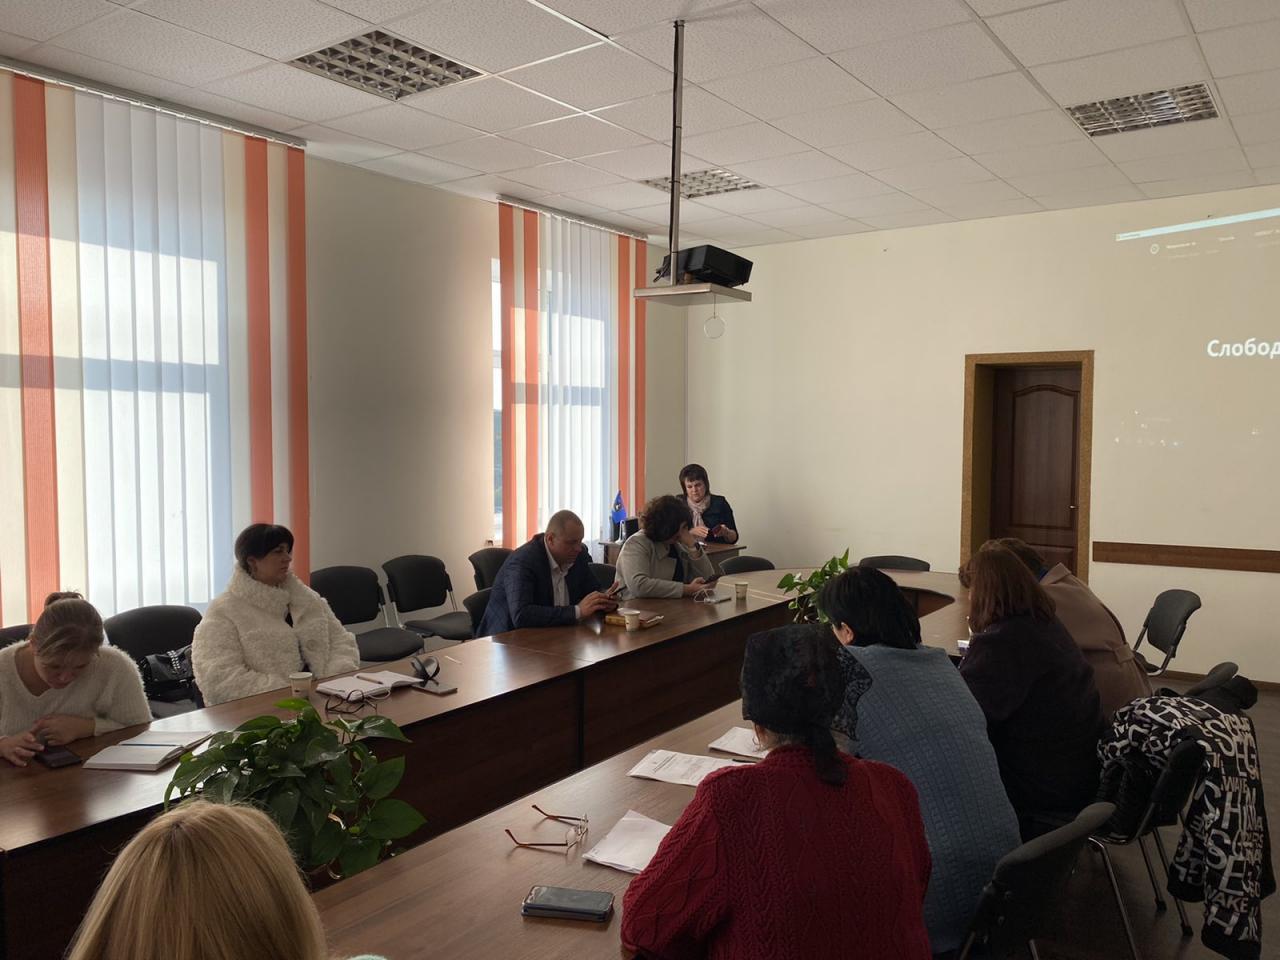 http://dunrada.gov.ua/uploadfile/archive_news/2021/10/13/2021-10-13_5675/images/images-2315.jpg